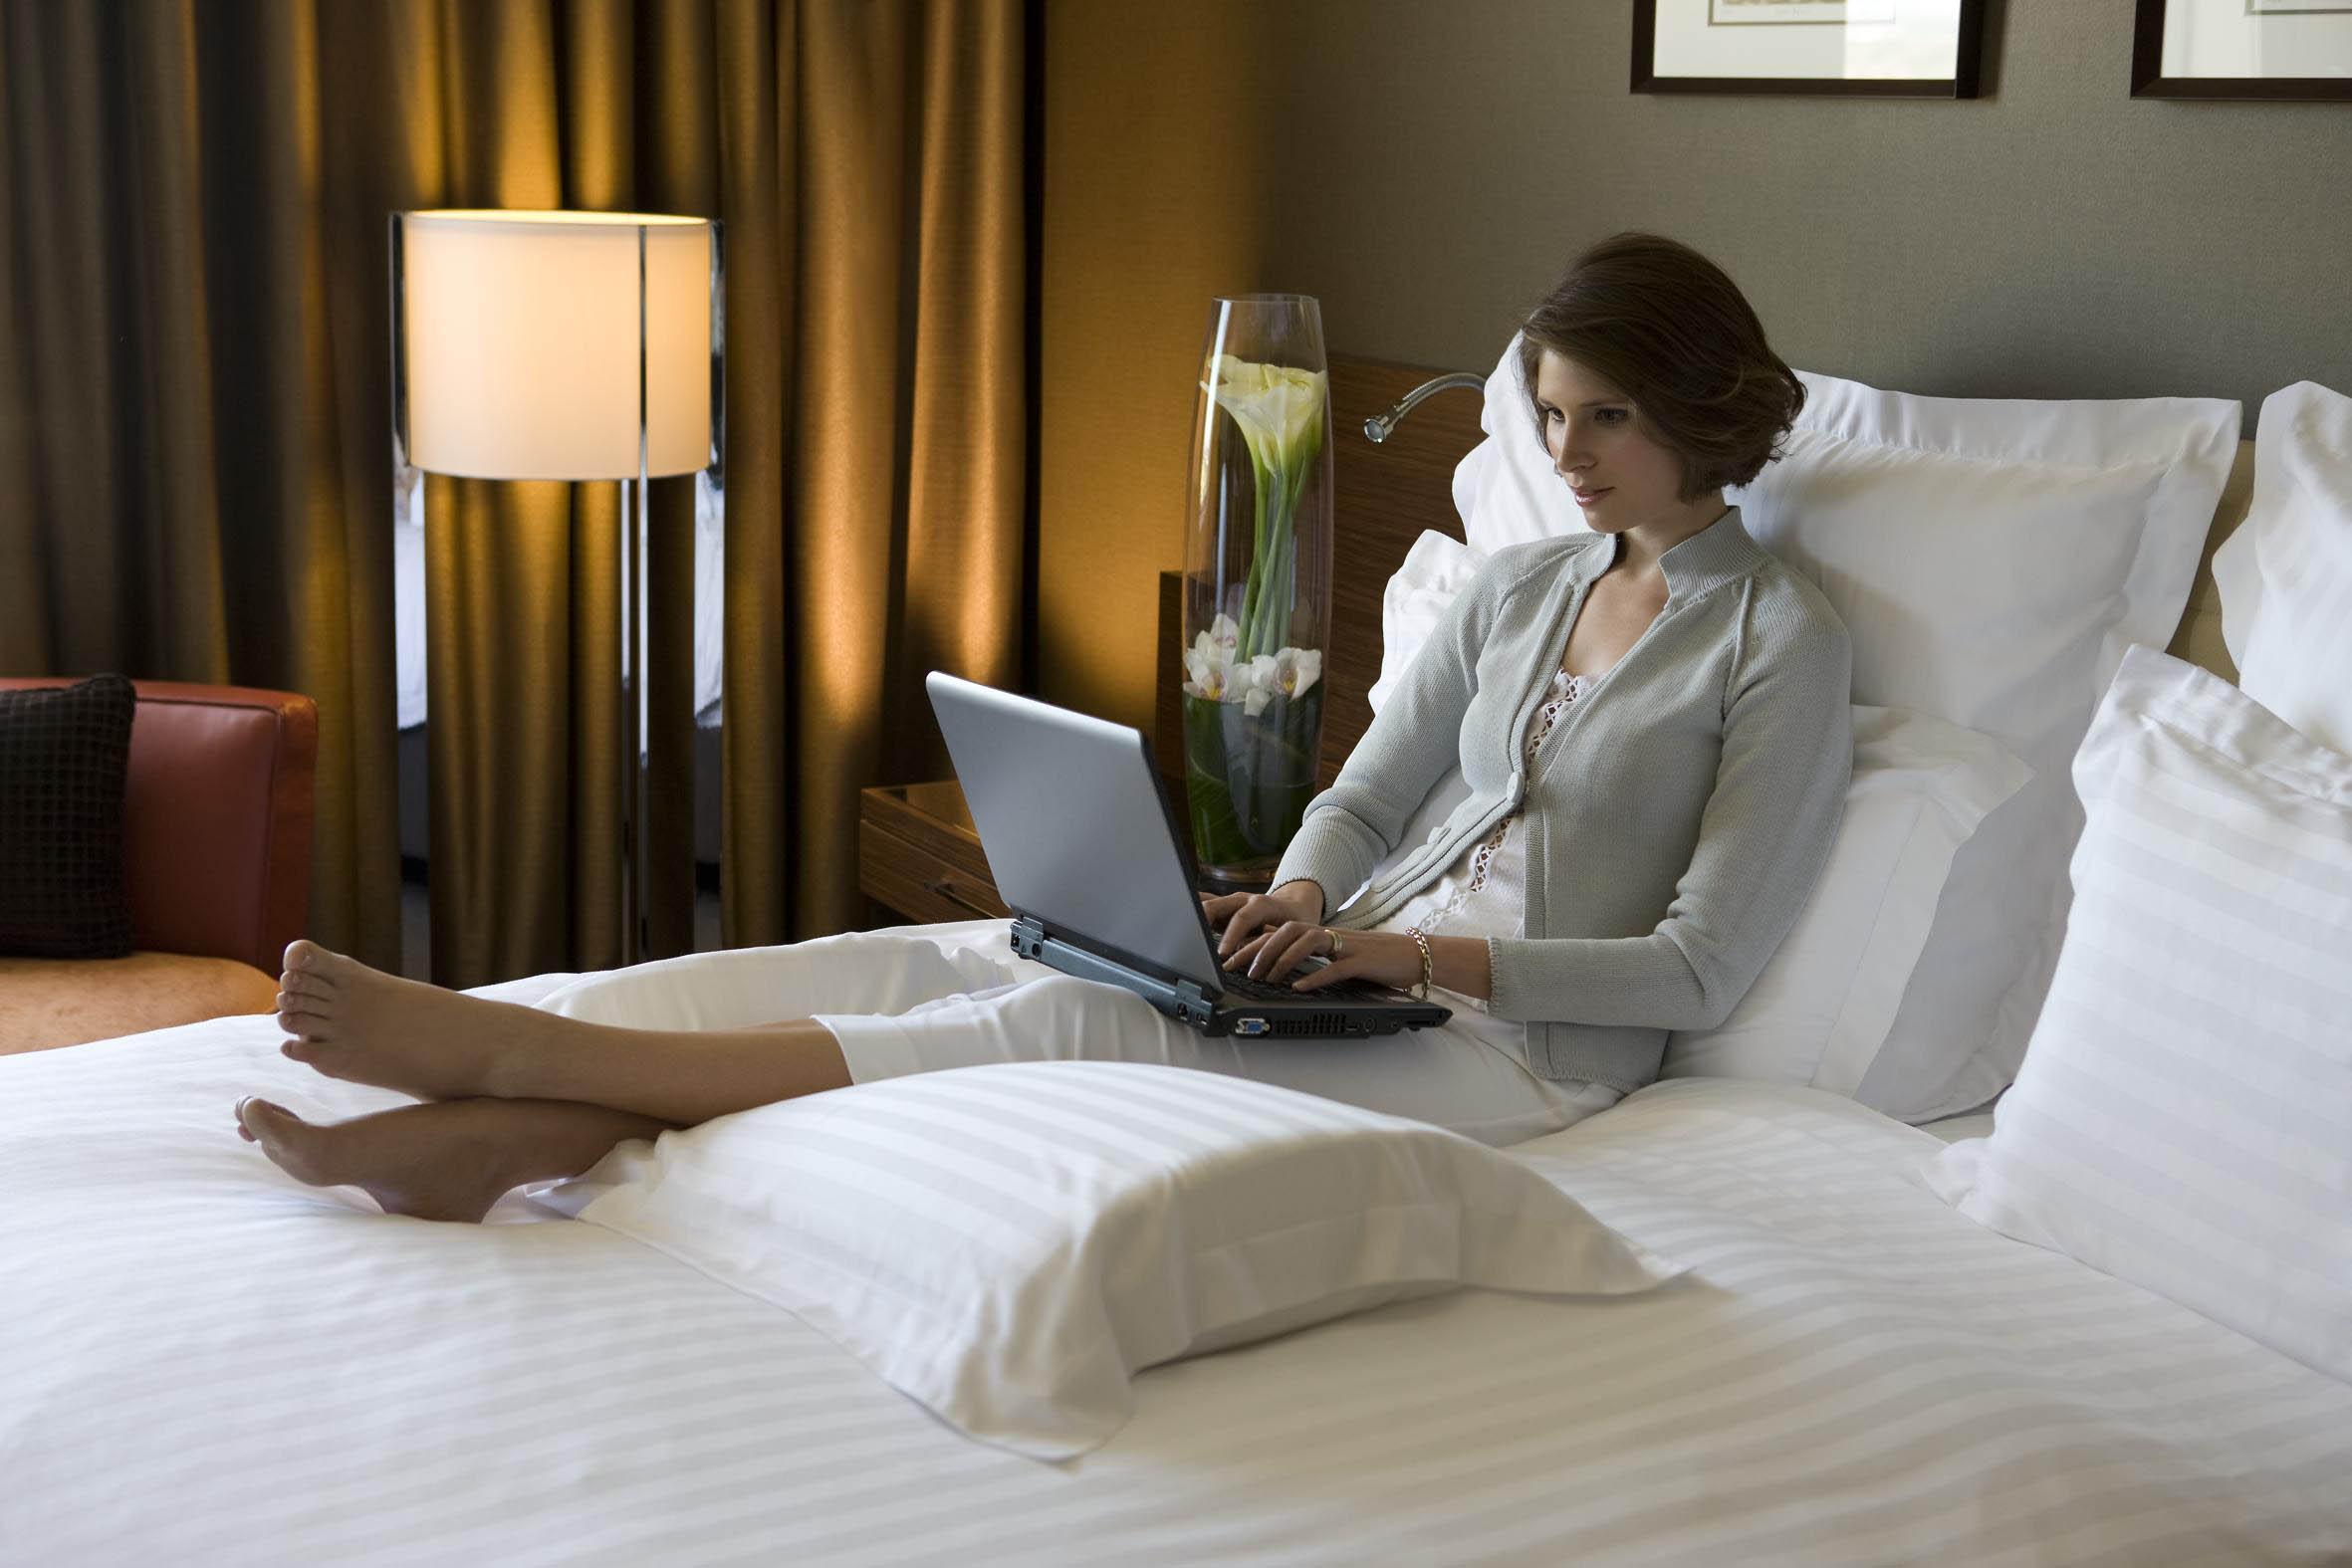 Чем может быть опасен Wi-Fi в европейских отелях для туристов?